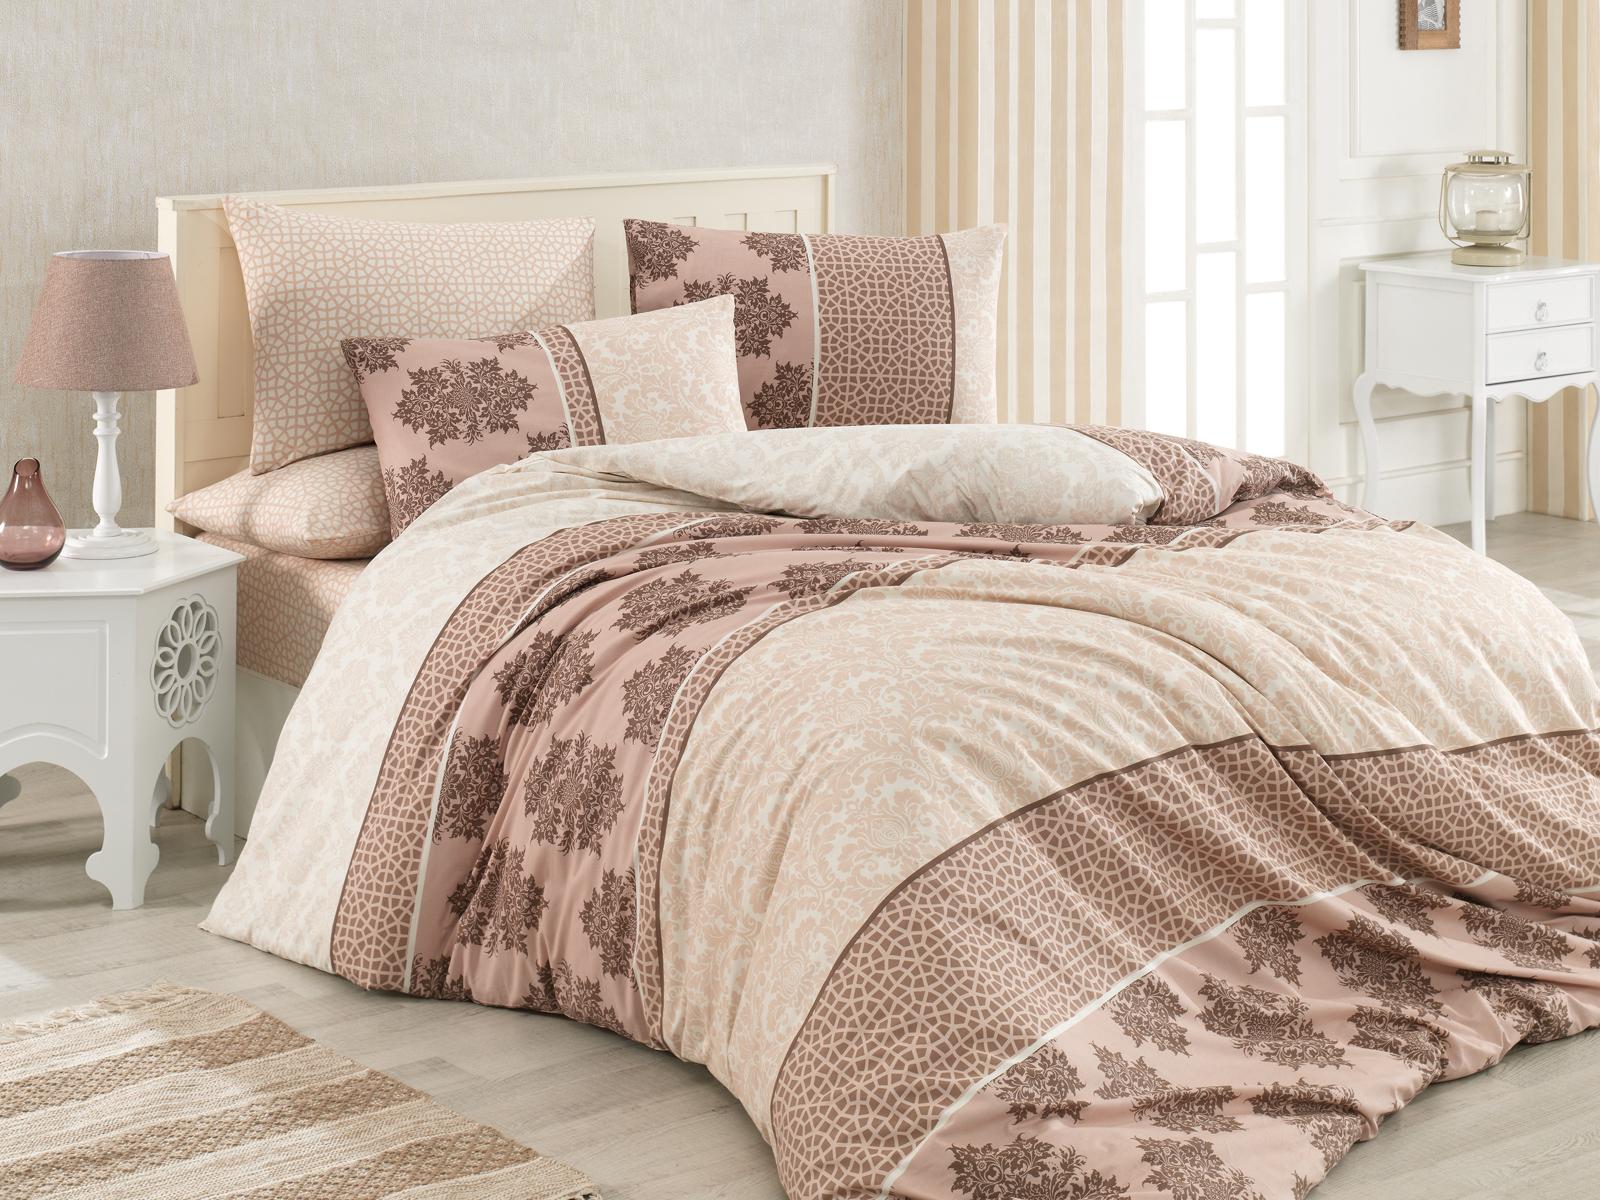 3 tlg renforce baumwolle bettw sche bettgarnitur rei verschluss 200x200 cm neu ebay. Black Bedroom Furniture Sets. Home Design Ideas